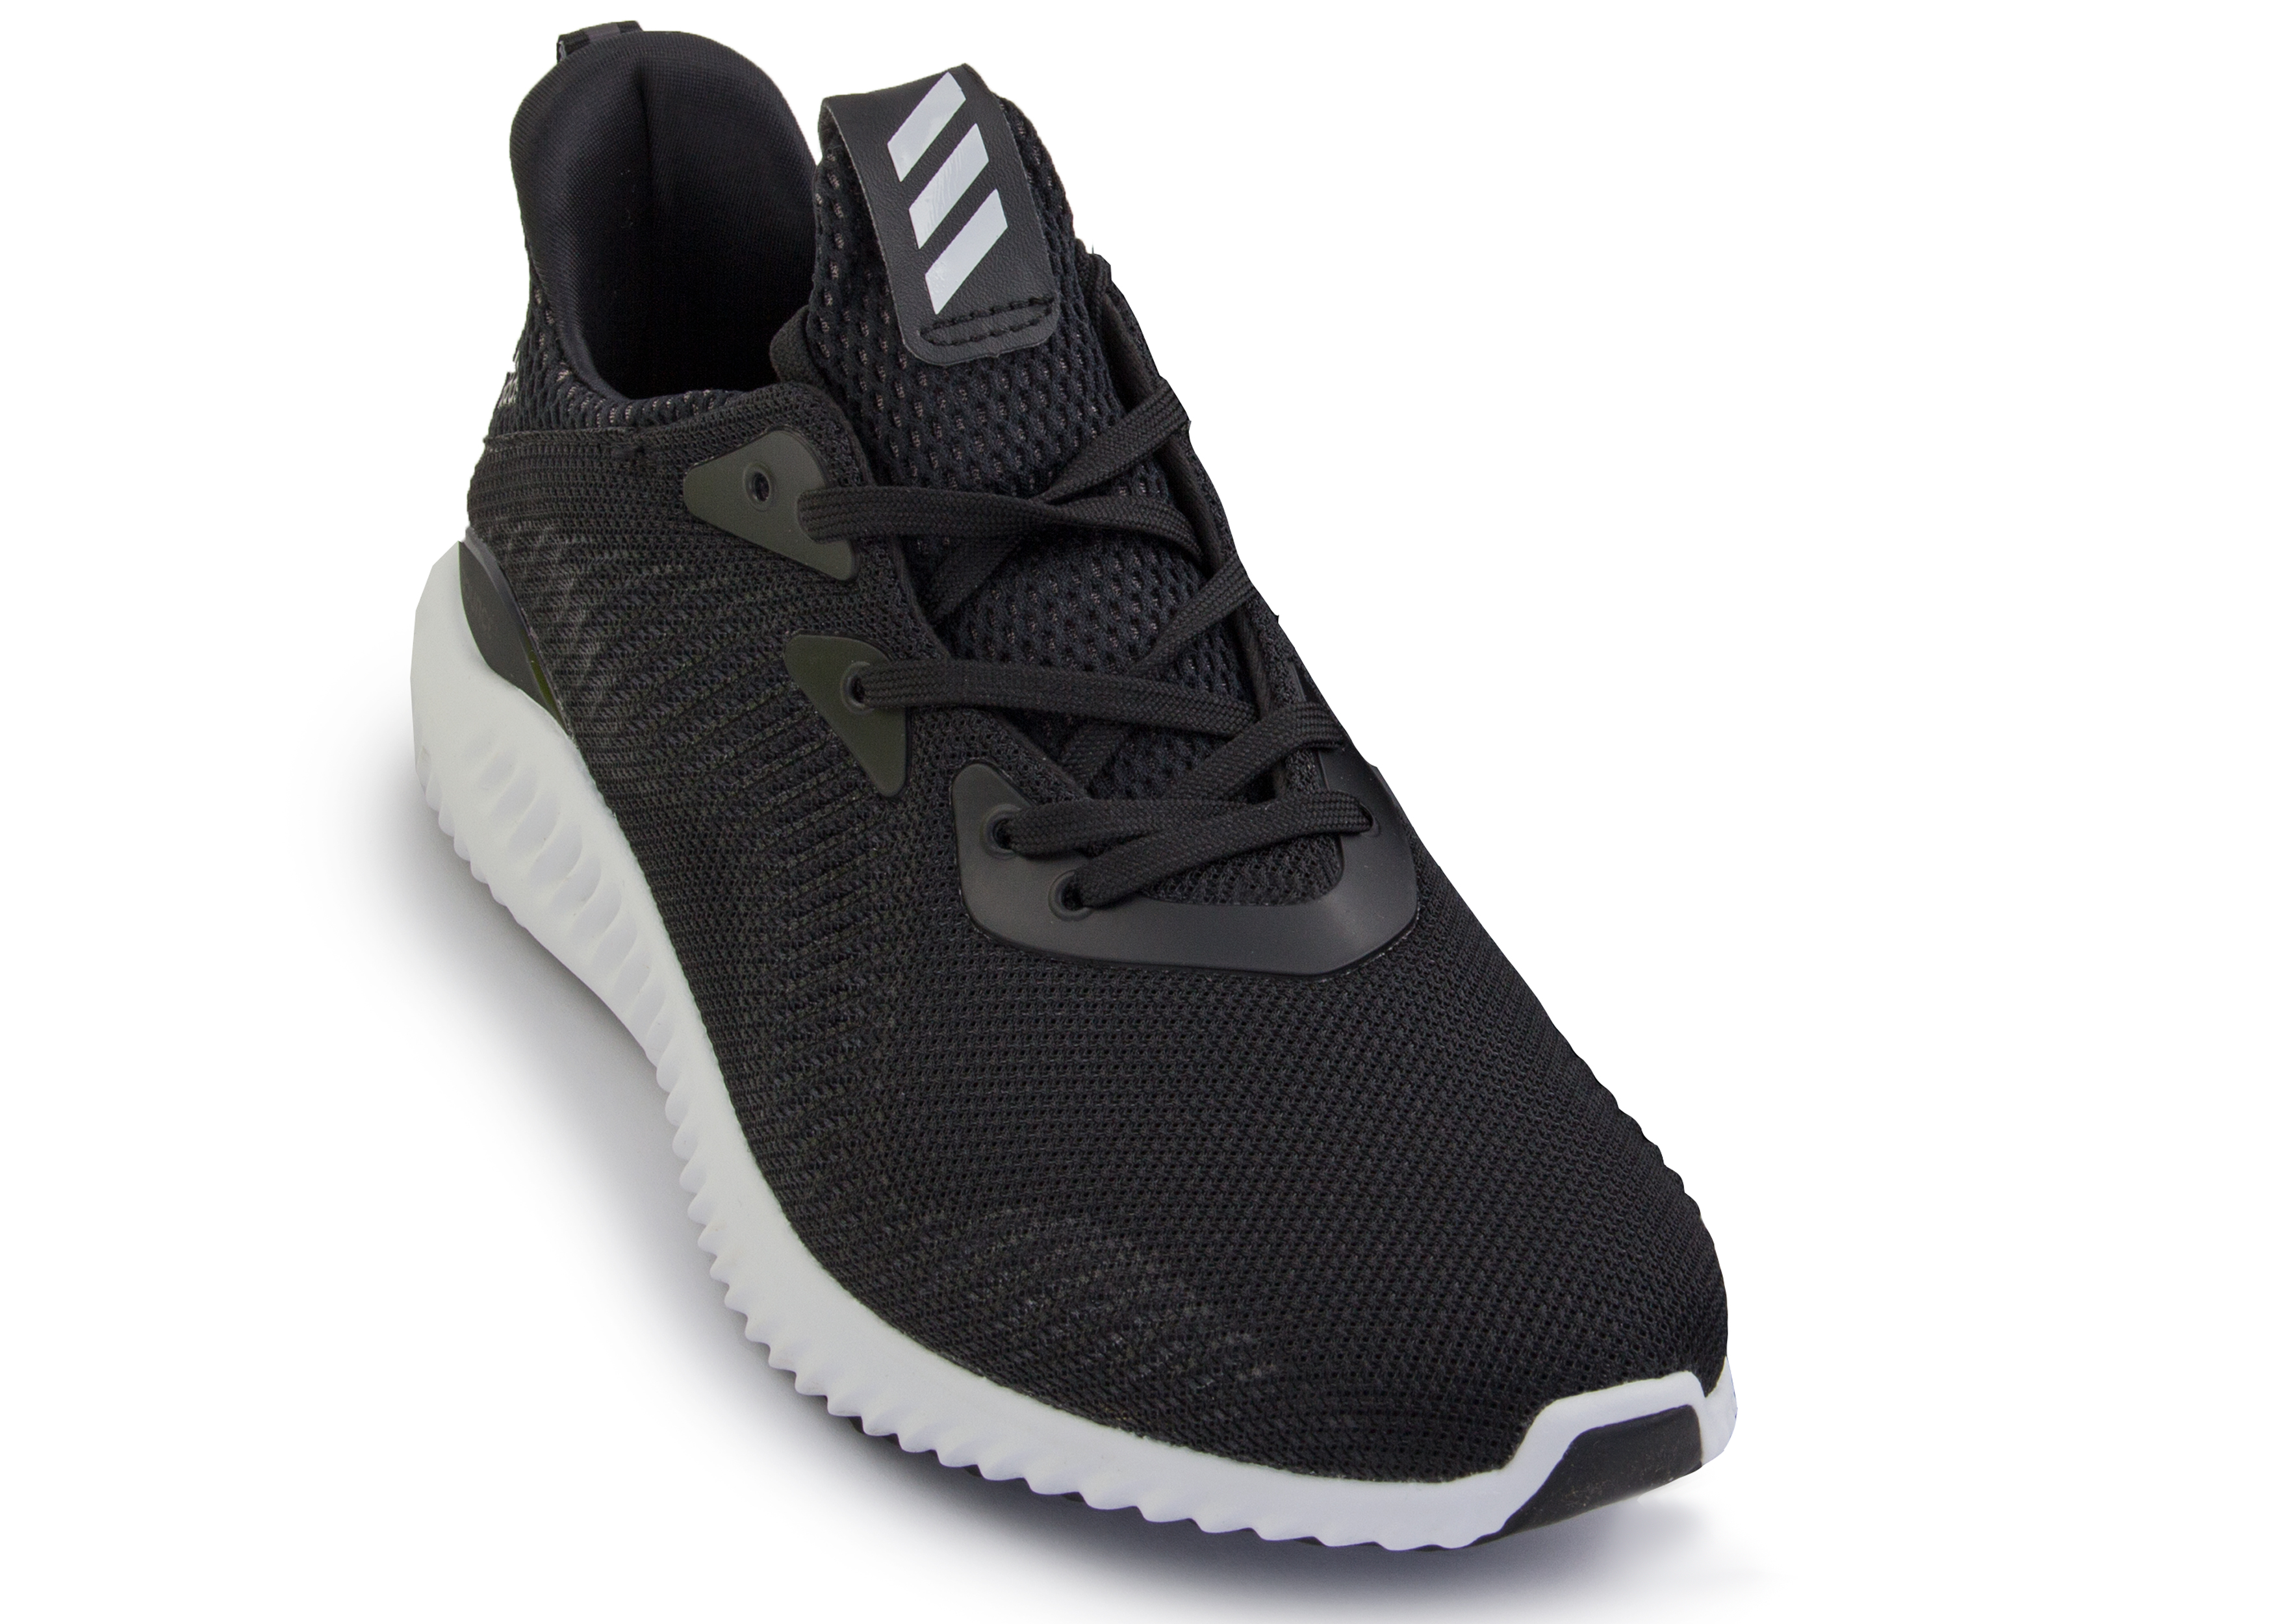 Кроссовки женские Adidas Alphabounce 1 w - Сеть спортивных магазинов ... 2aaf70e8cde